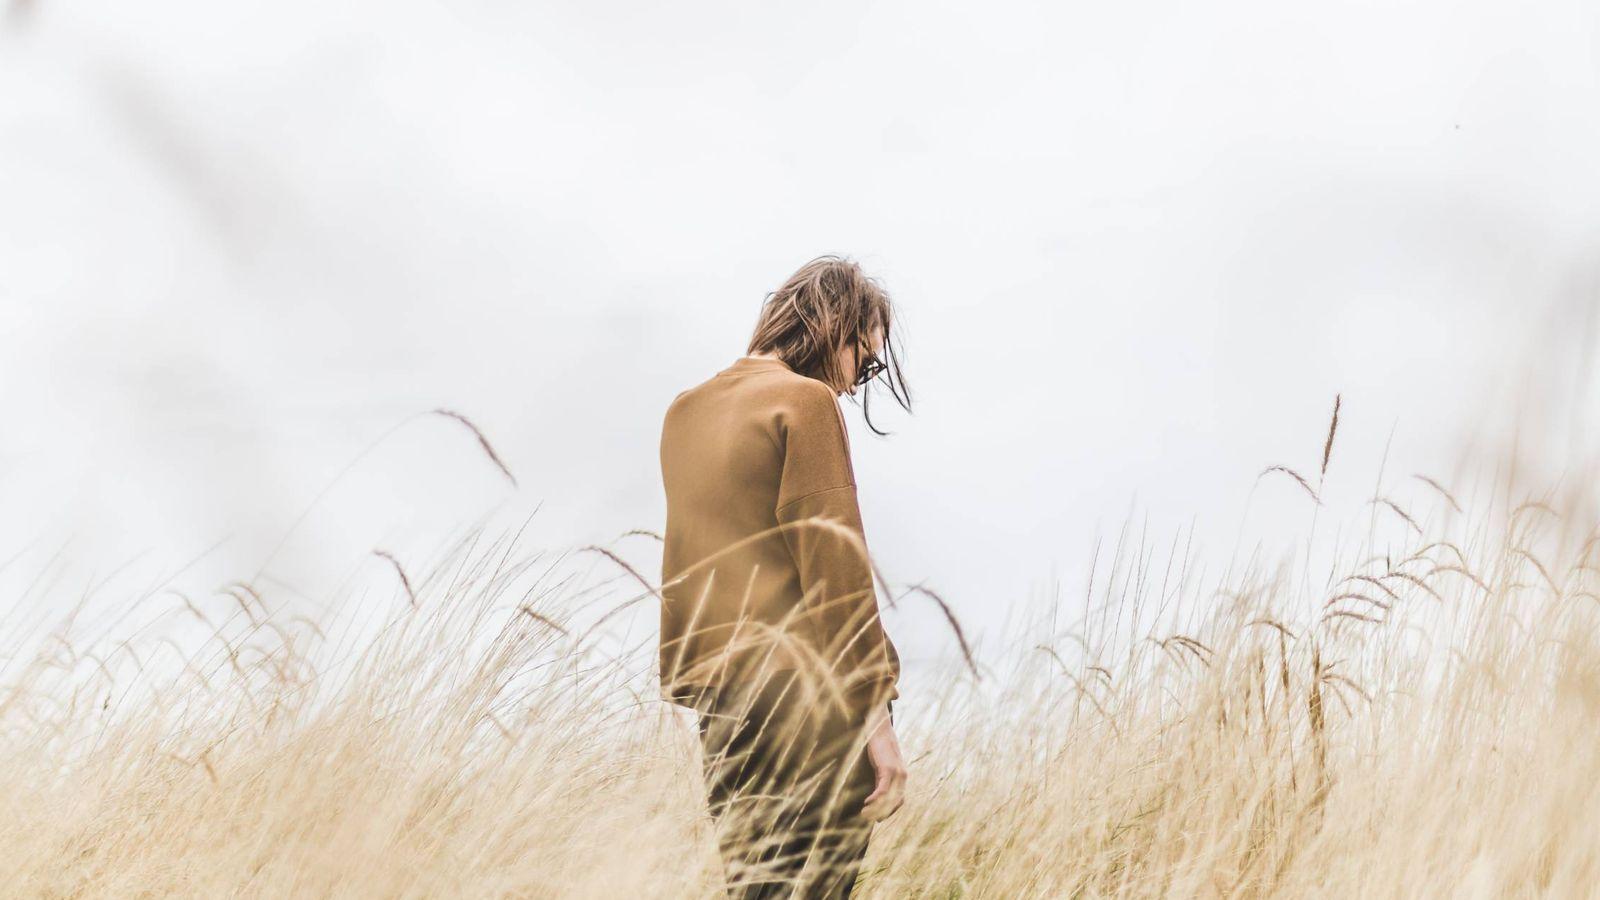 Foto: El negging es una descalificación sutil que afecta a la autoestima. (Imagen: Matthew Henry)